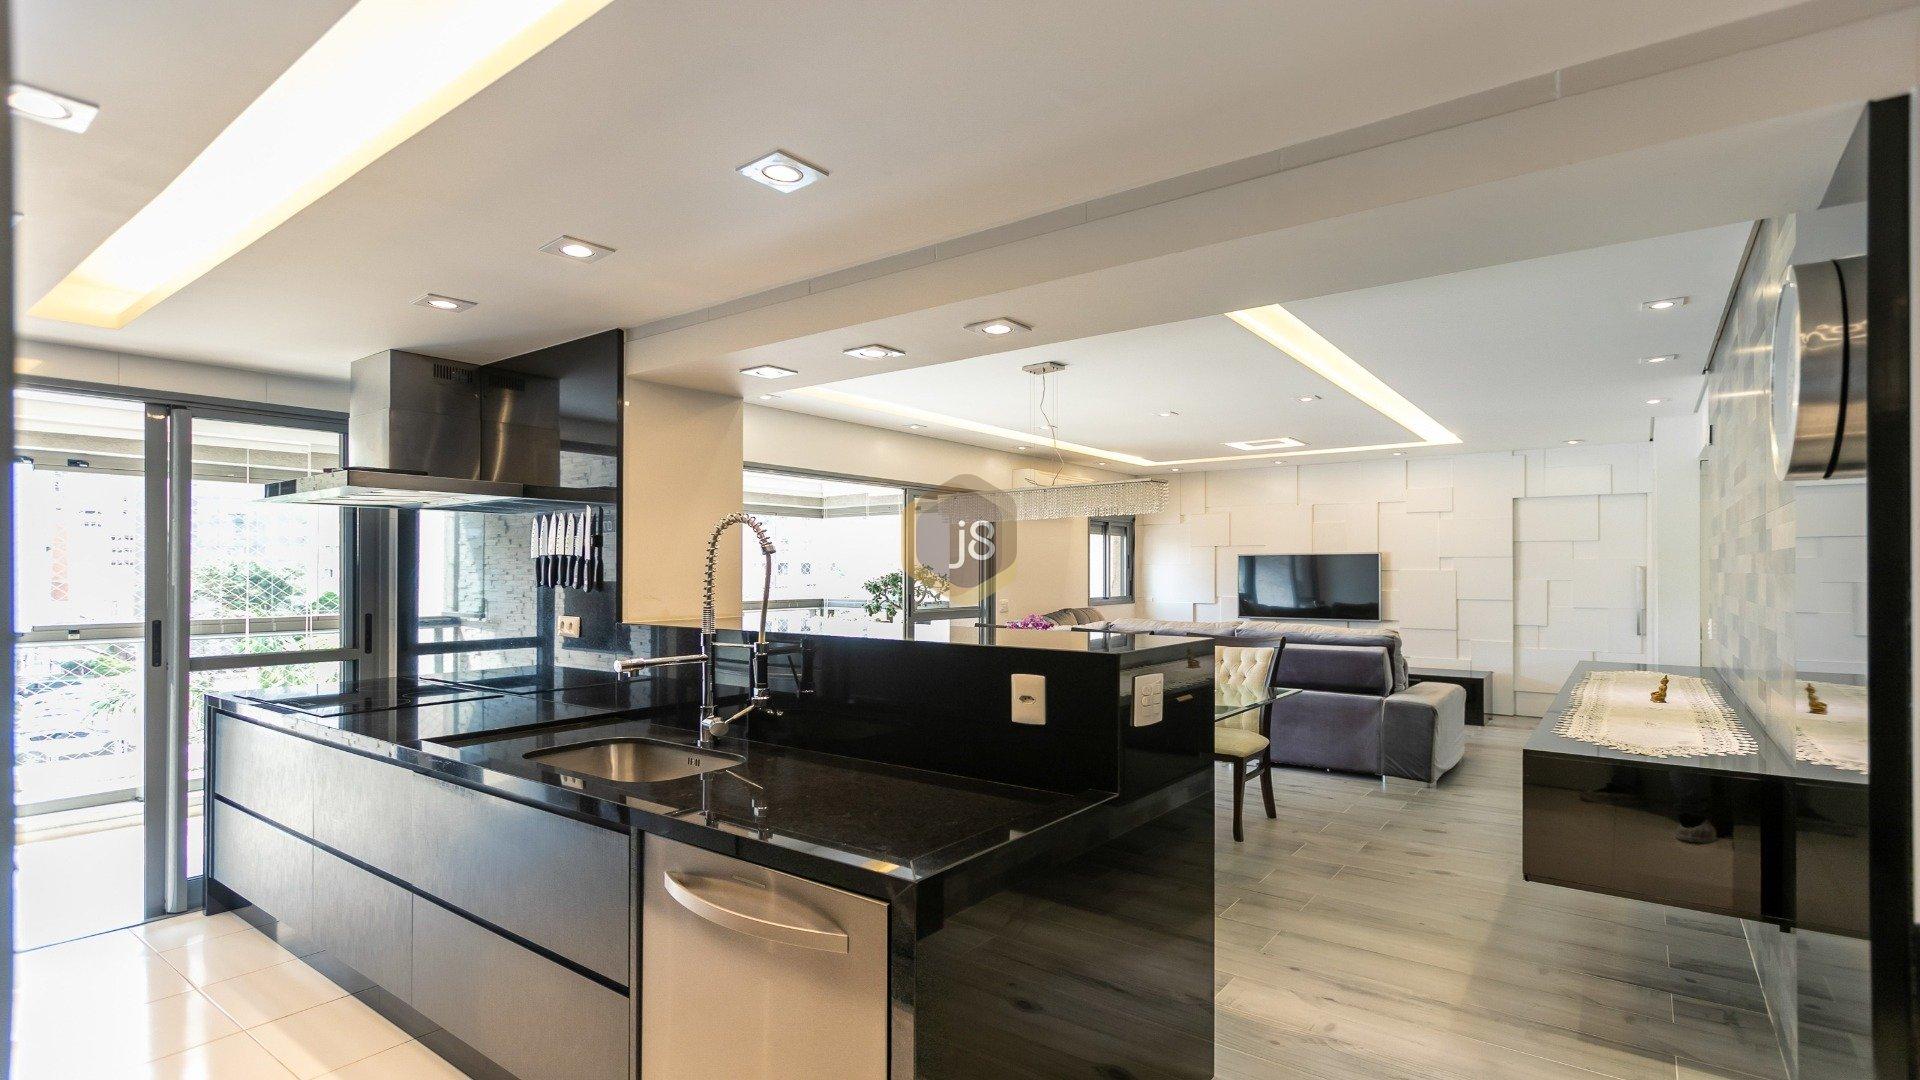 Foto de destaque Apartamento moderno e pronto para morar no batel